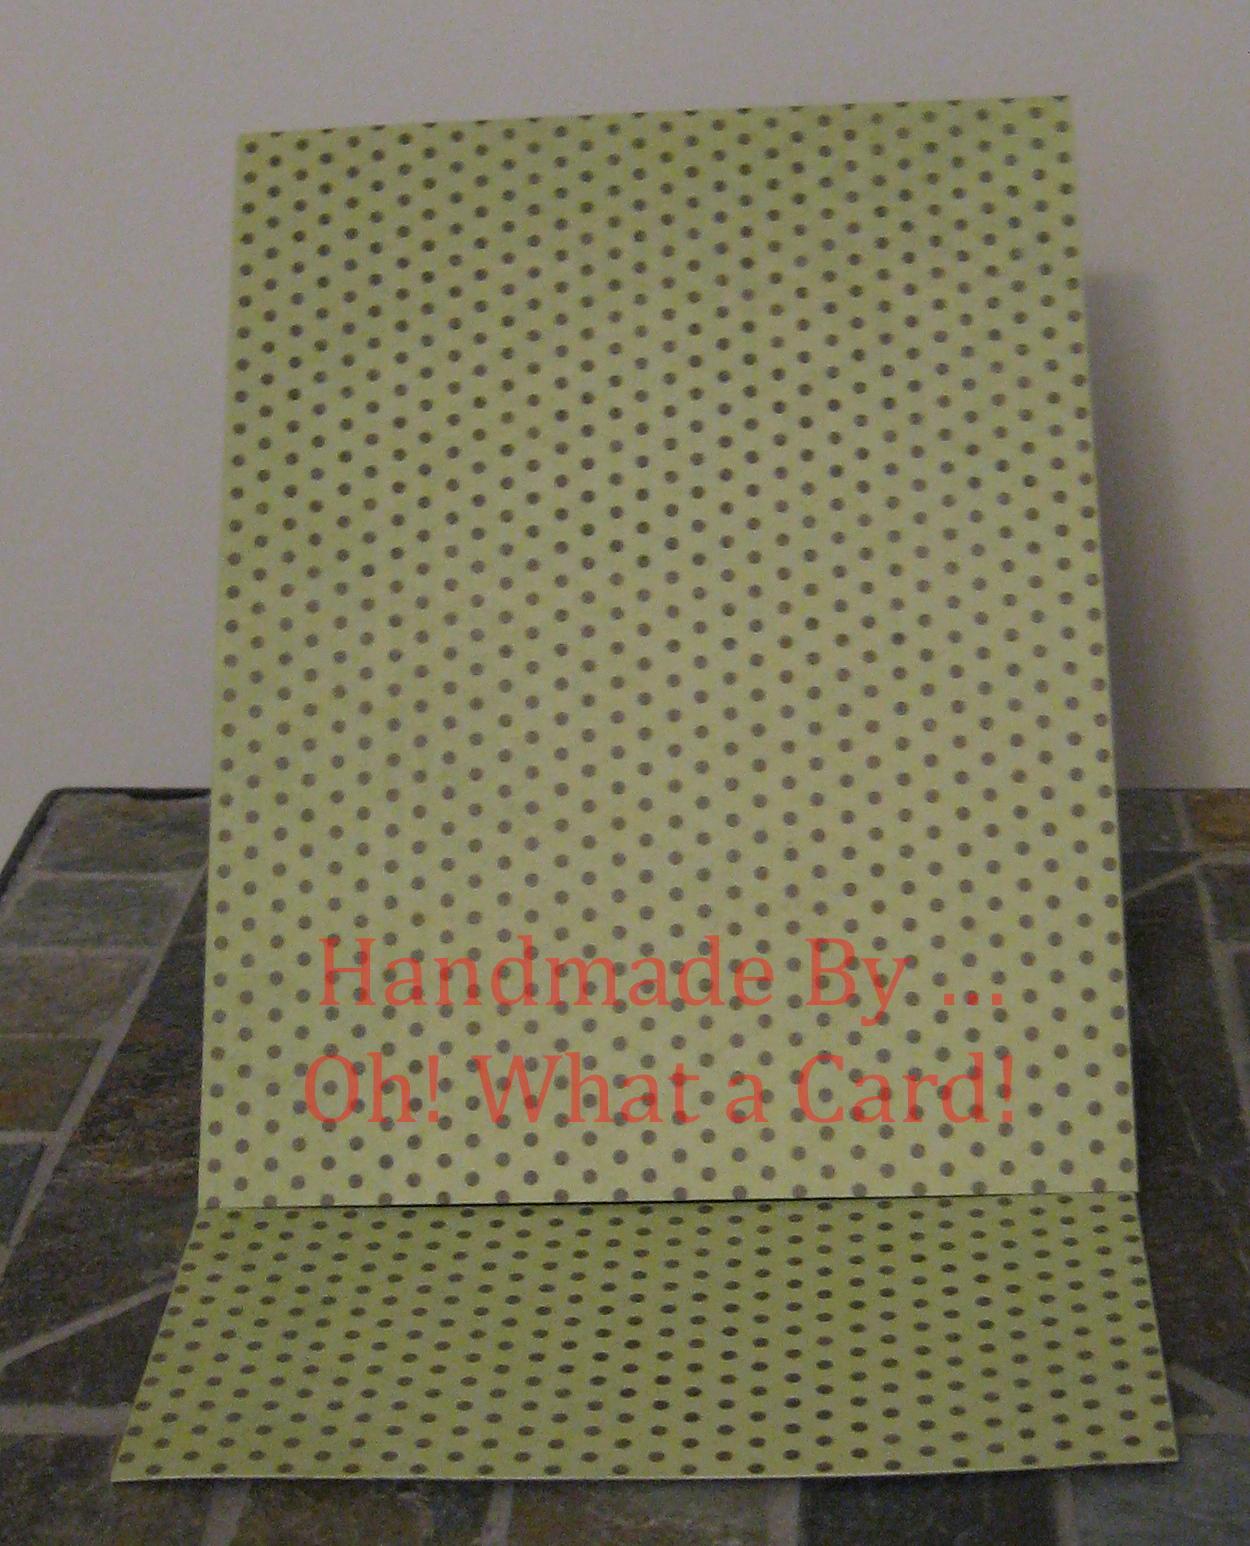 Blank Polka Dots Mantle Display Card